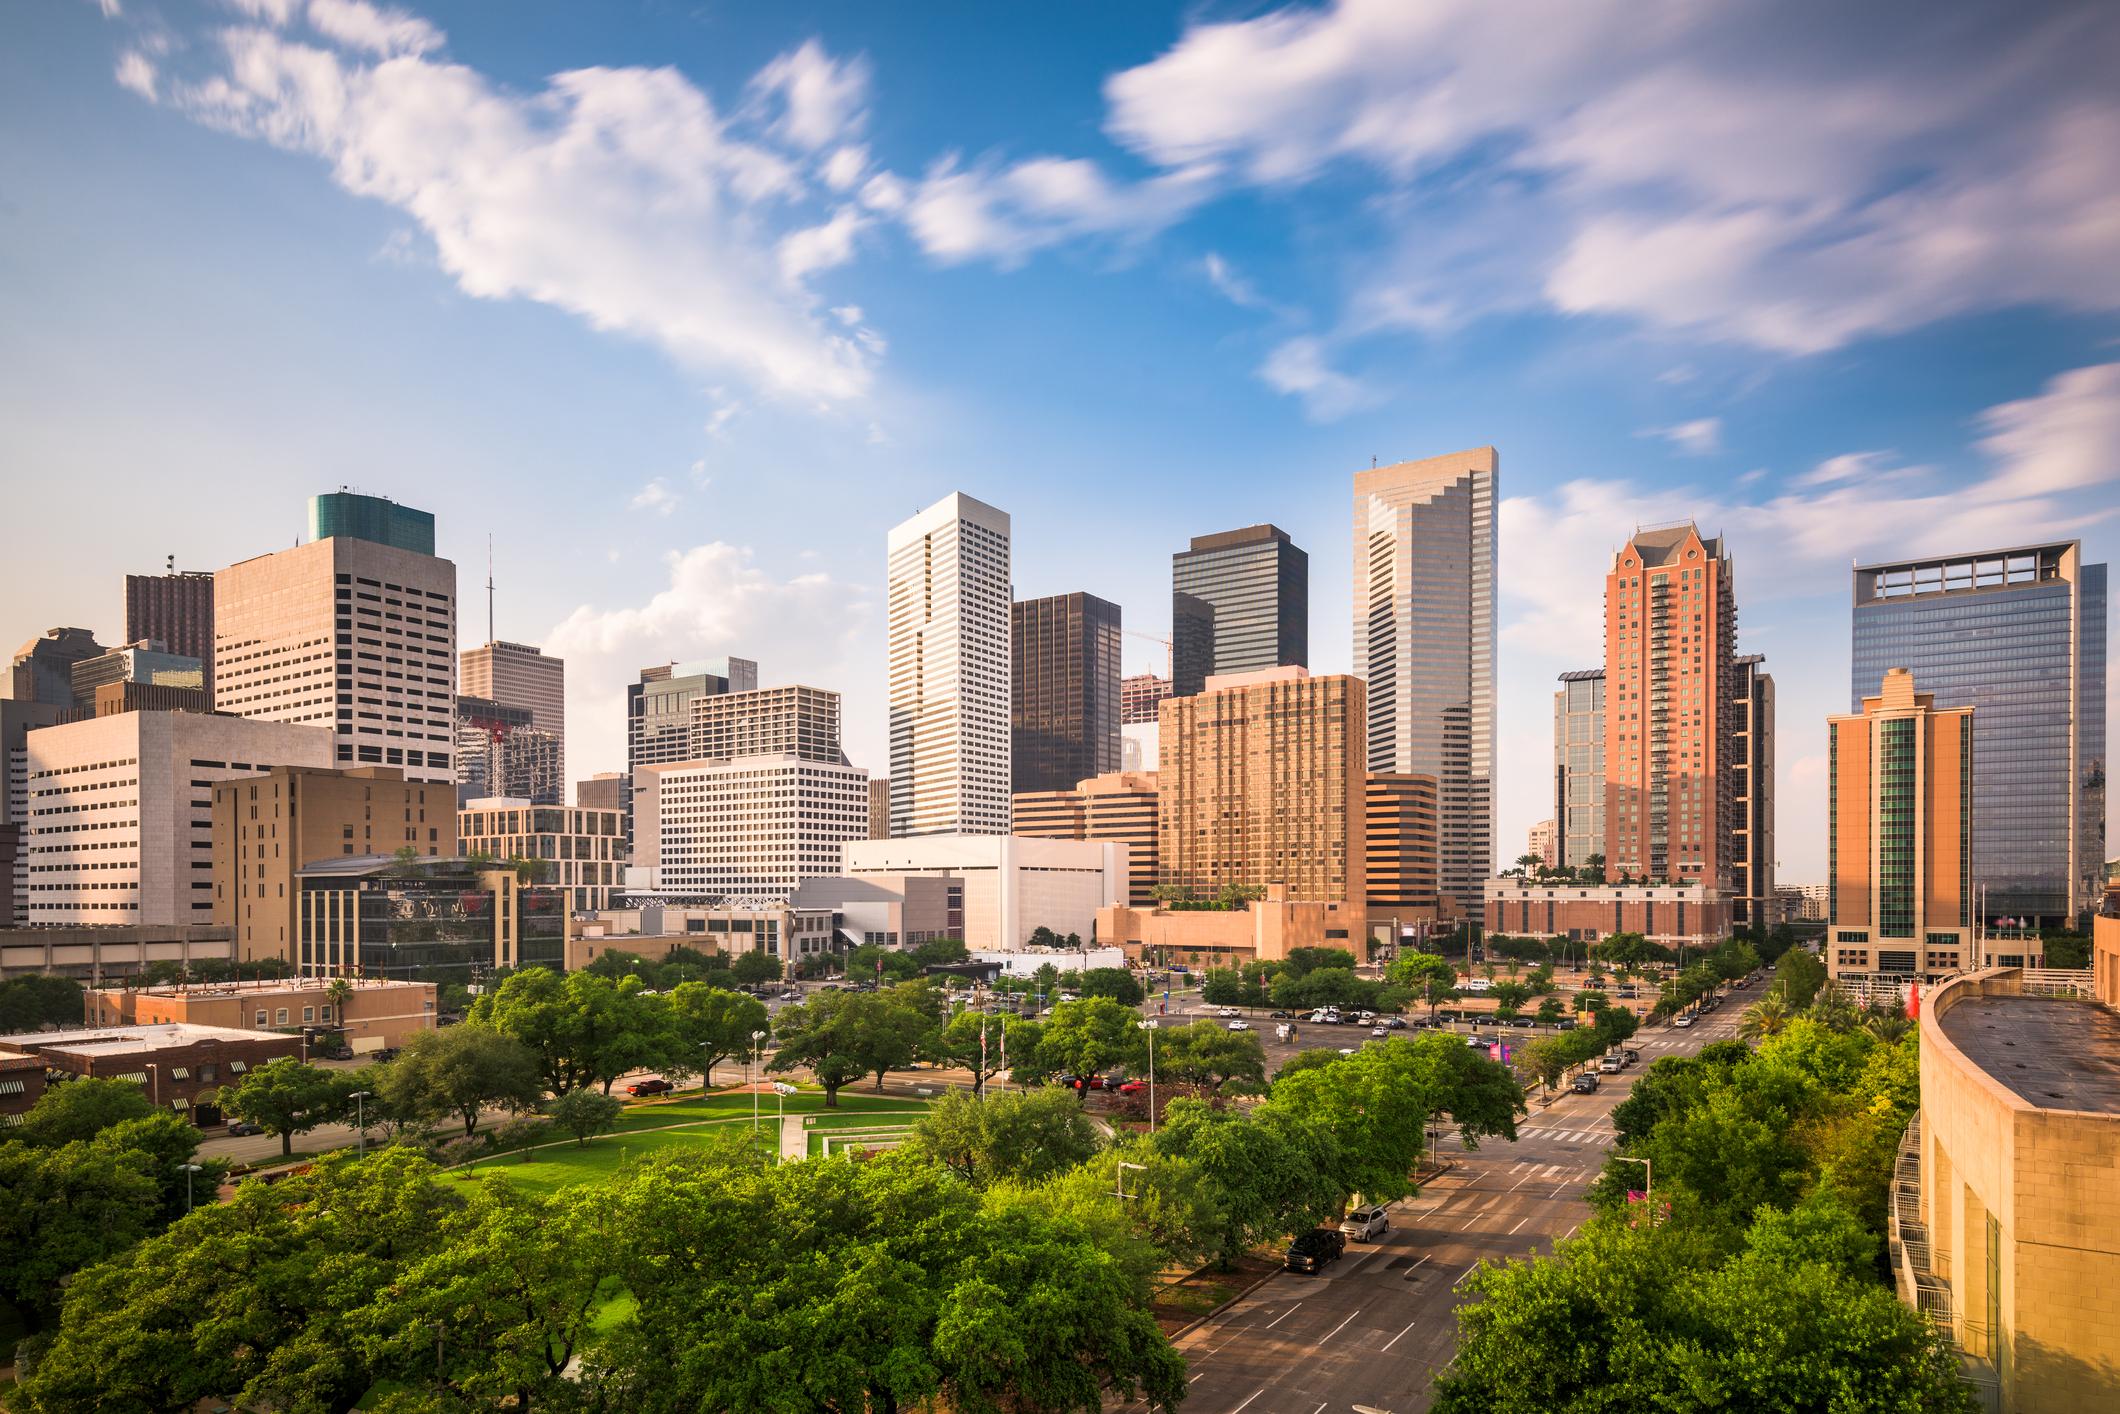 green energy leaders in texas